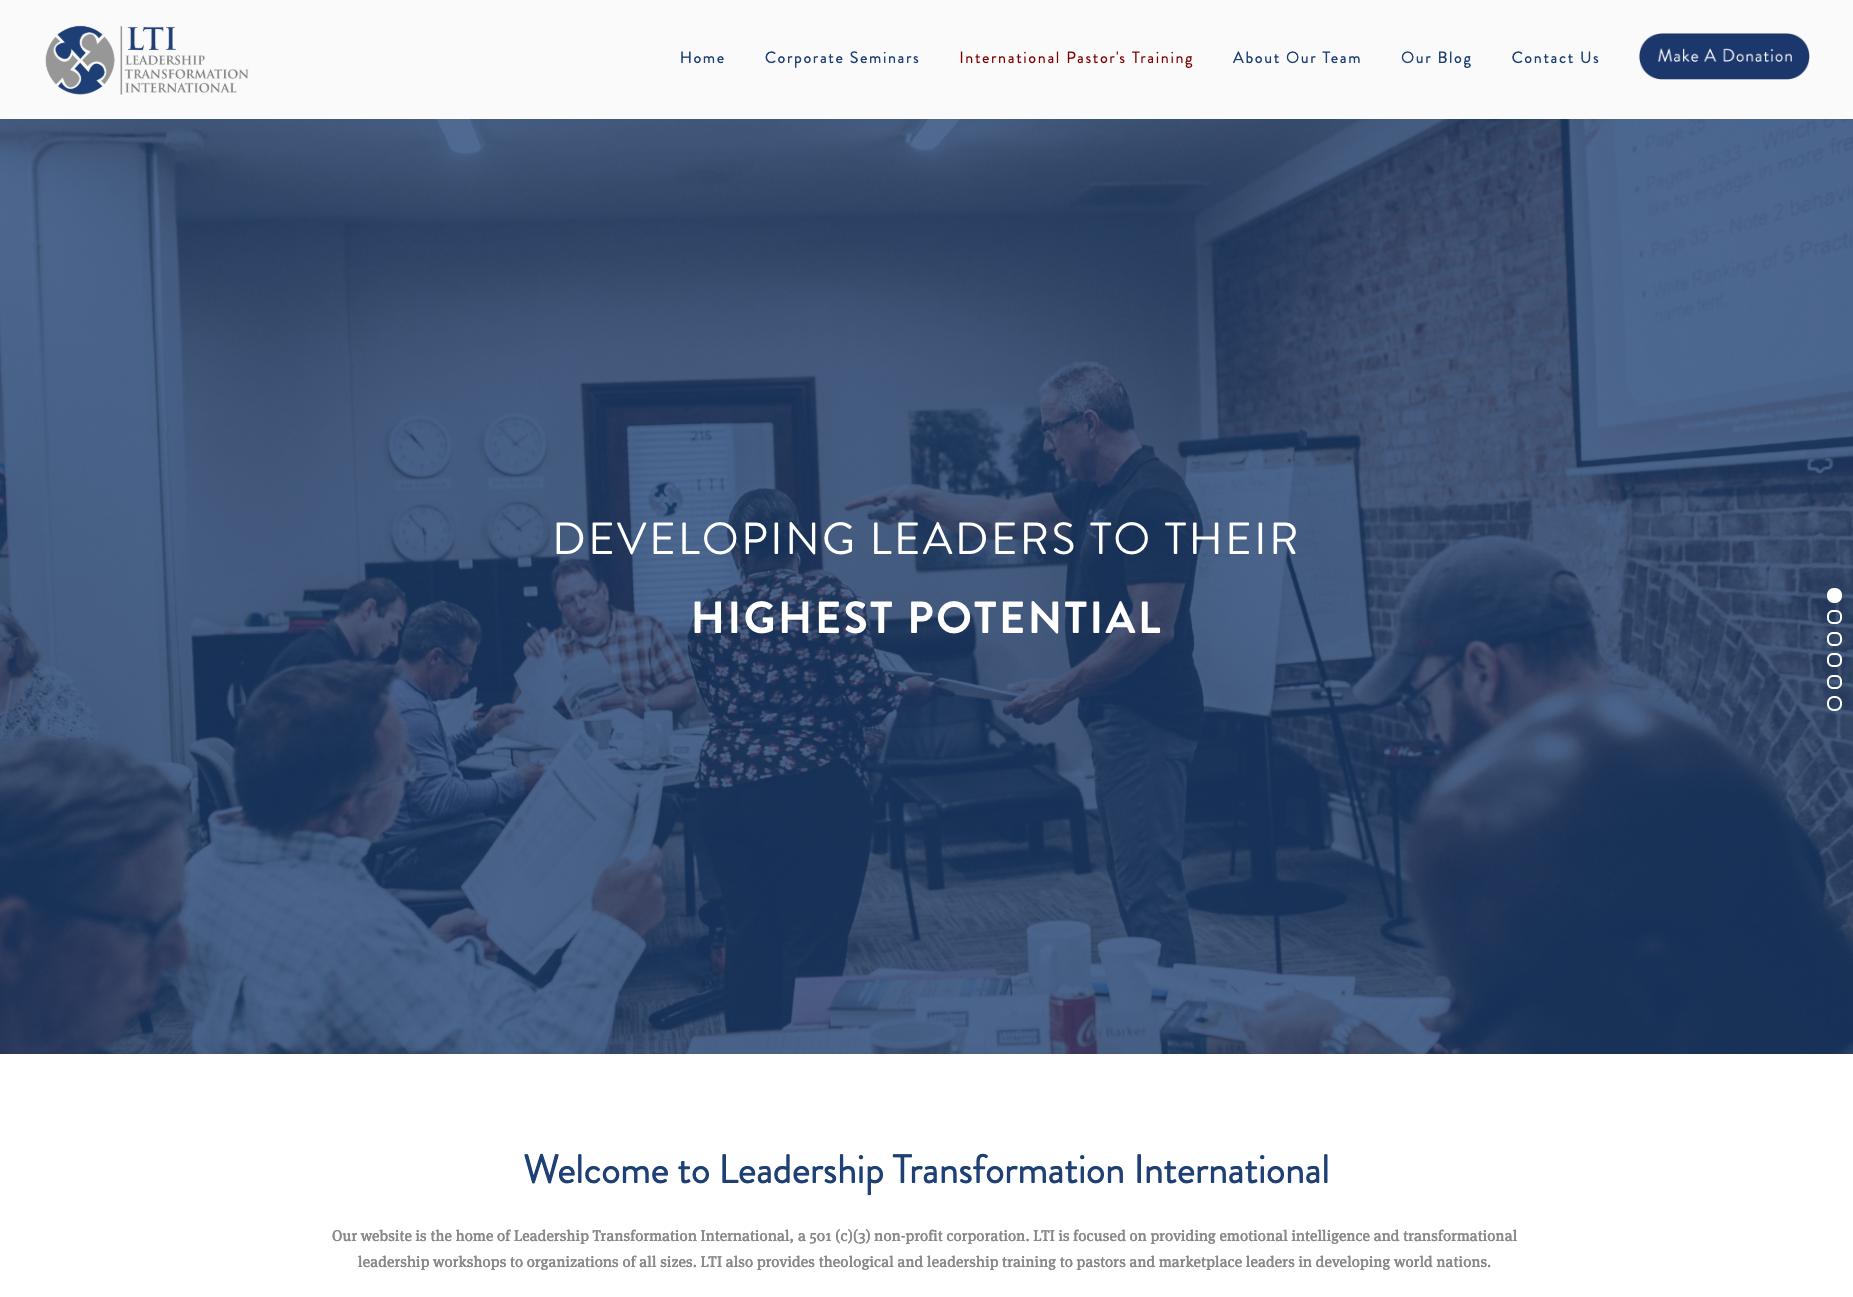 Leadership Transformation International